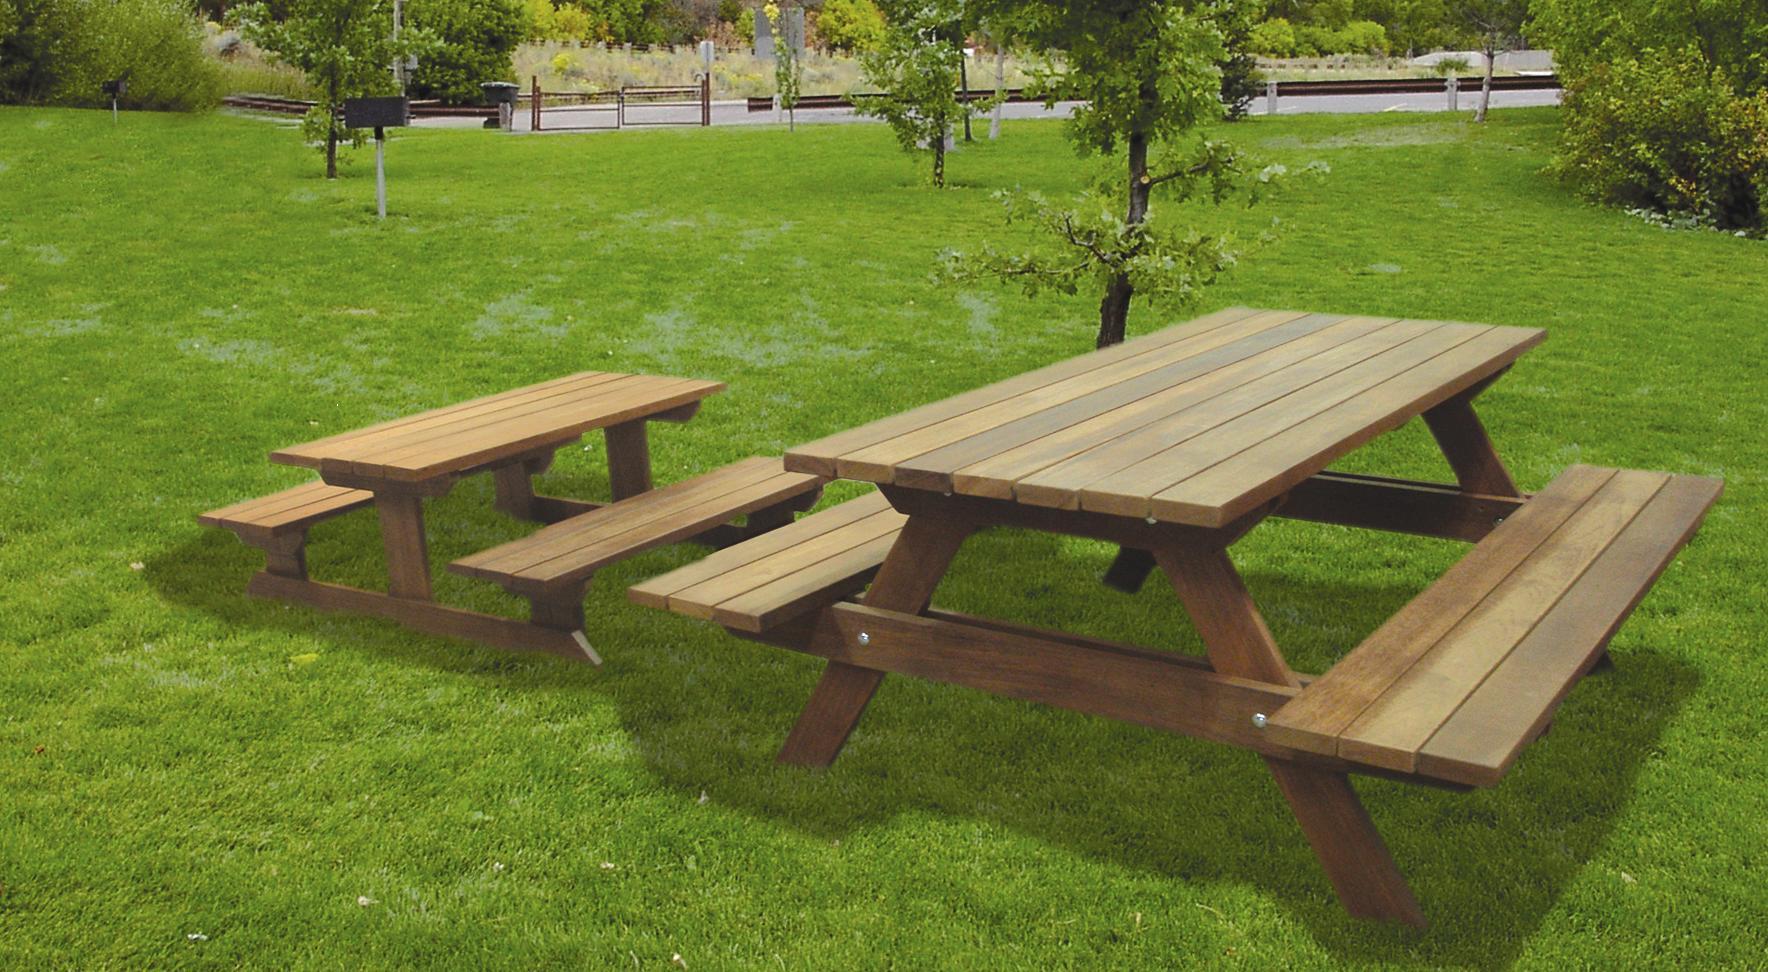 Mesas de jard n tradicional 10 0 30 0 piezas mensual - Mesas de madera de jardin ...